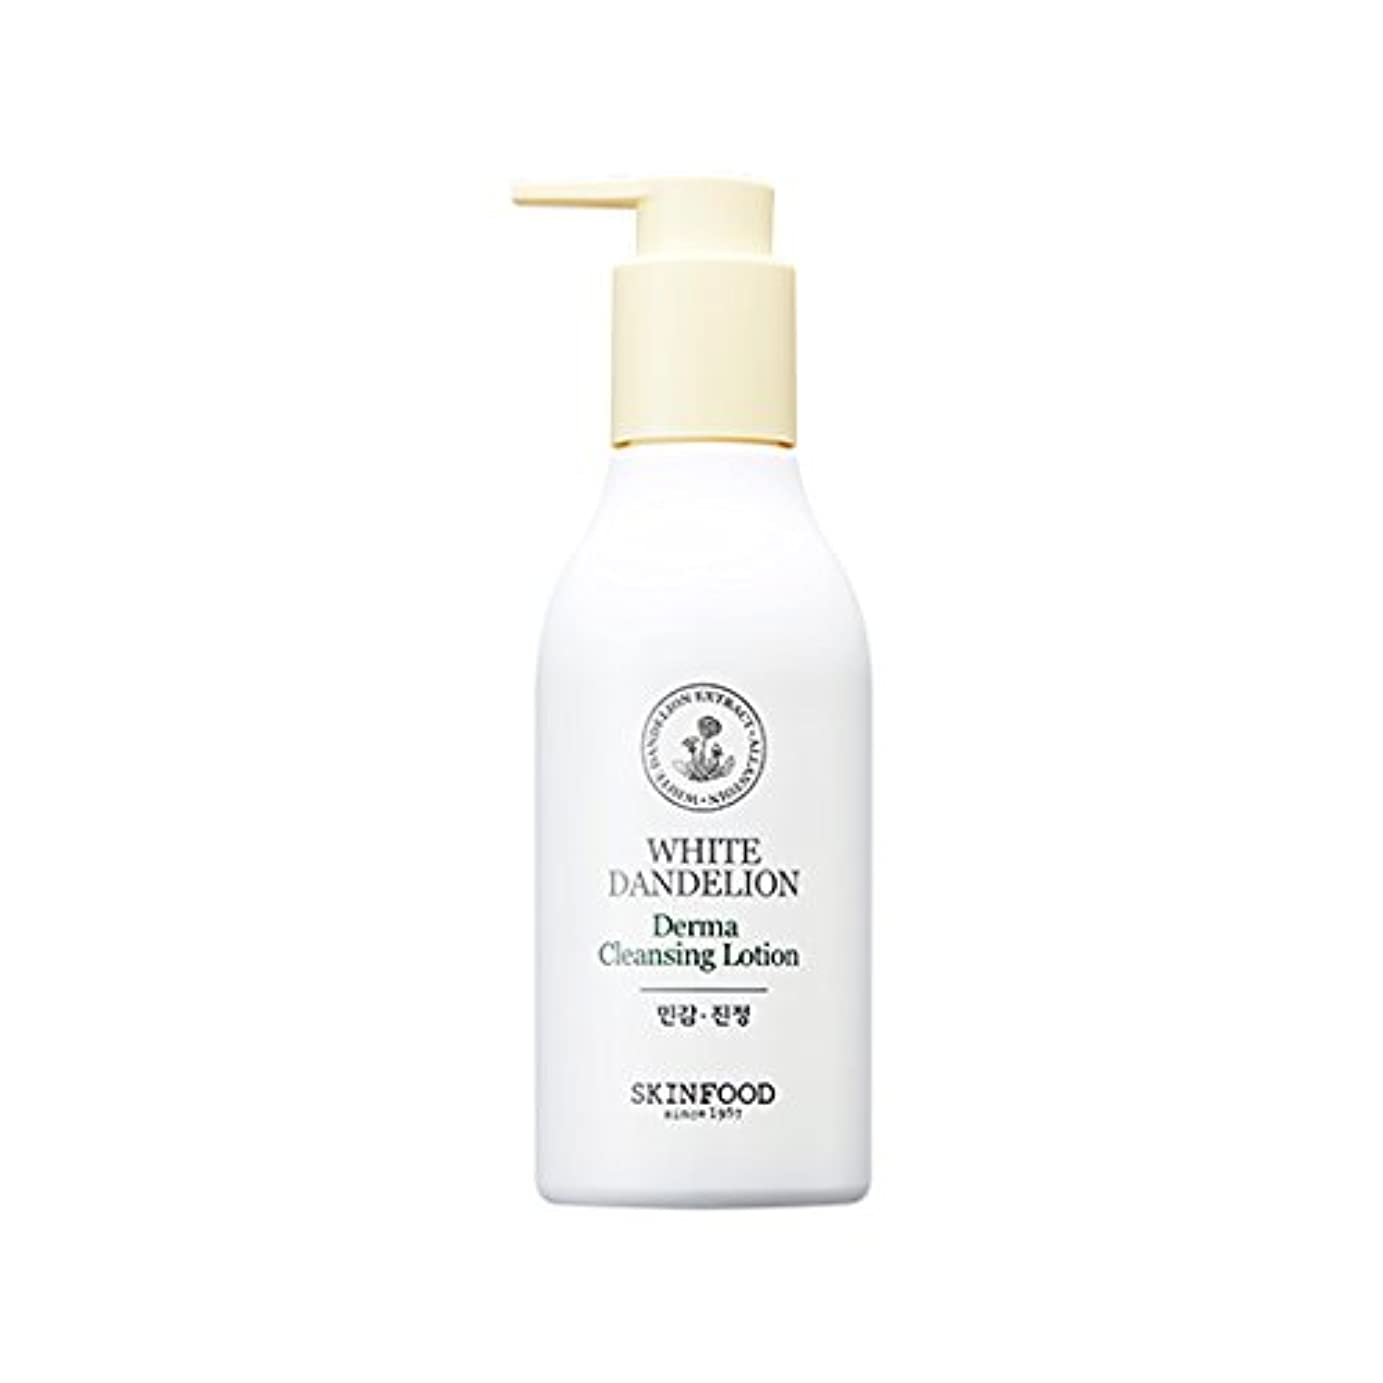 レジデンス暗黙ステレオタイプSkinfood/White Dandelion Derma Cleansing Lotion/ホワイトタンポポダーマクレンジングローション/200ml [並行輸入品]